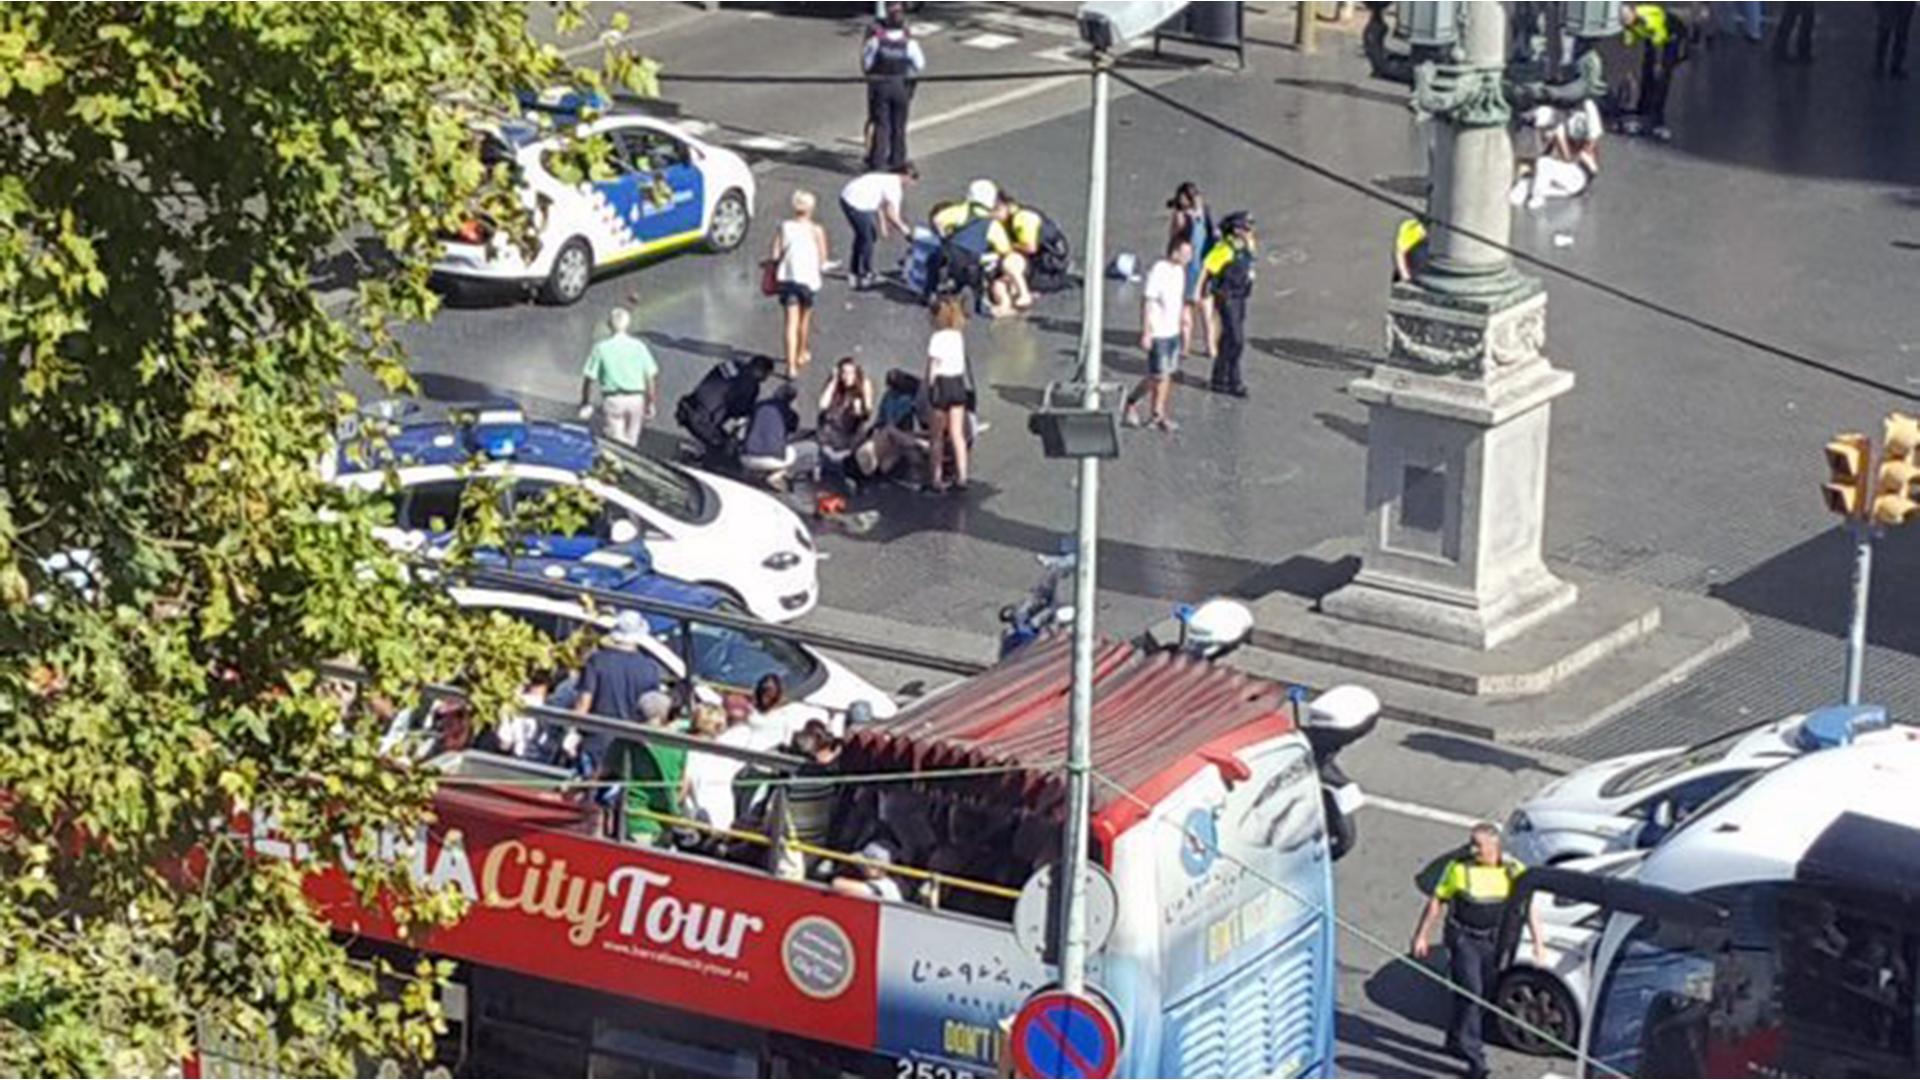 Barcelona van attack scene 2-159532.jpg76525893